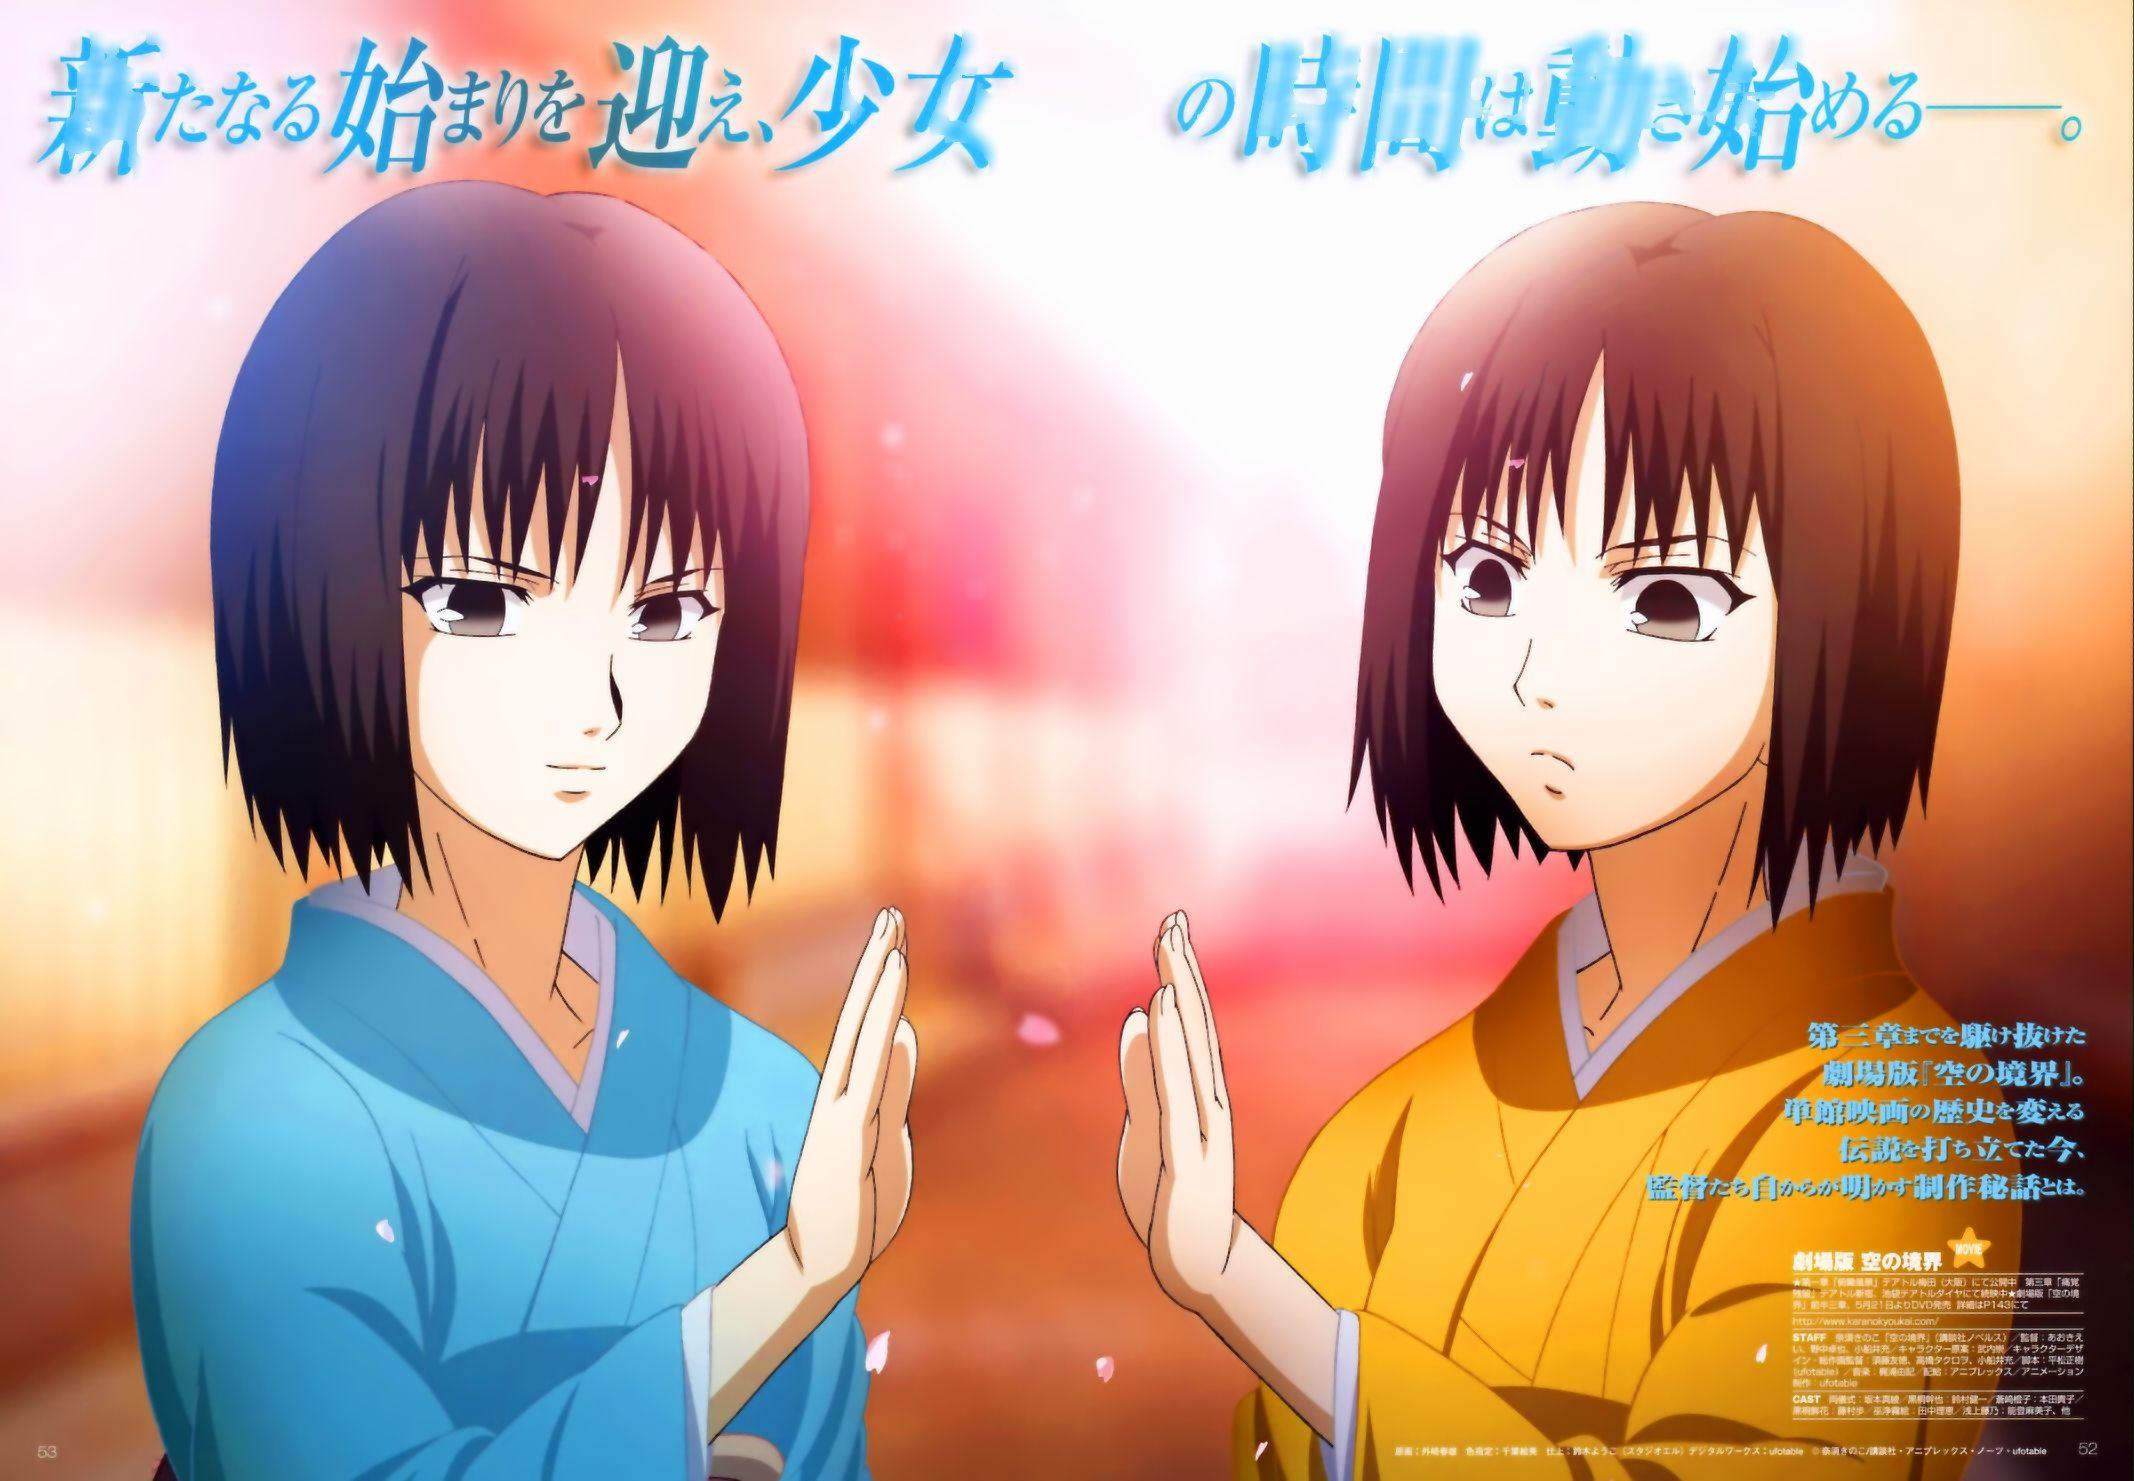 Minitokyo_Kara_no_Kyokai_Scans_343891.jpg